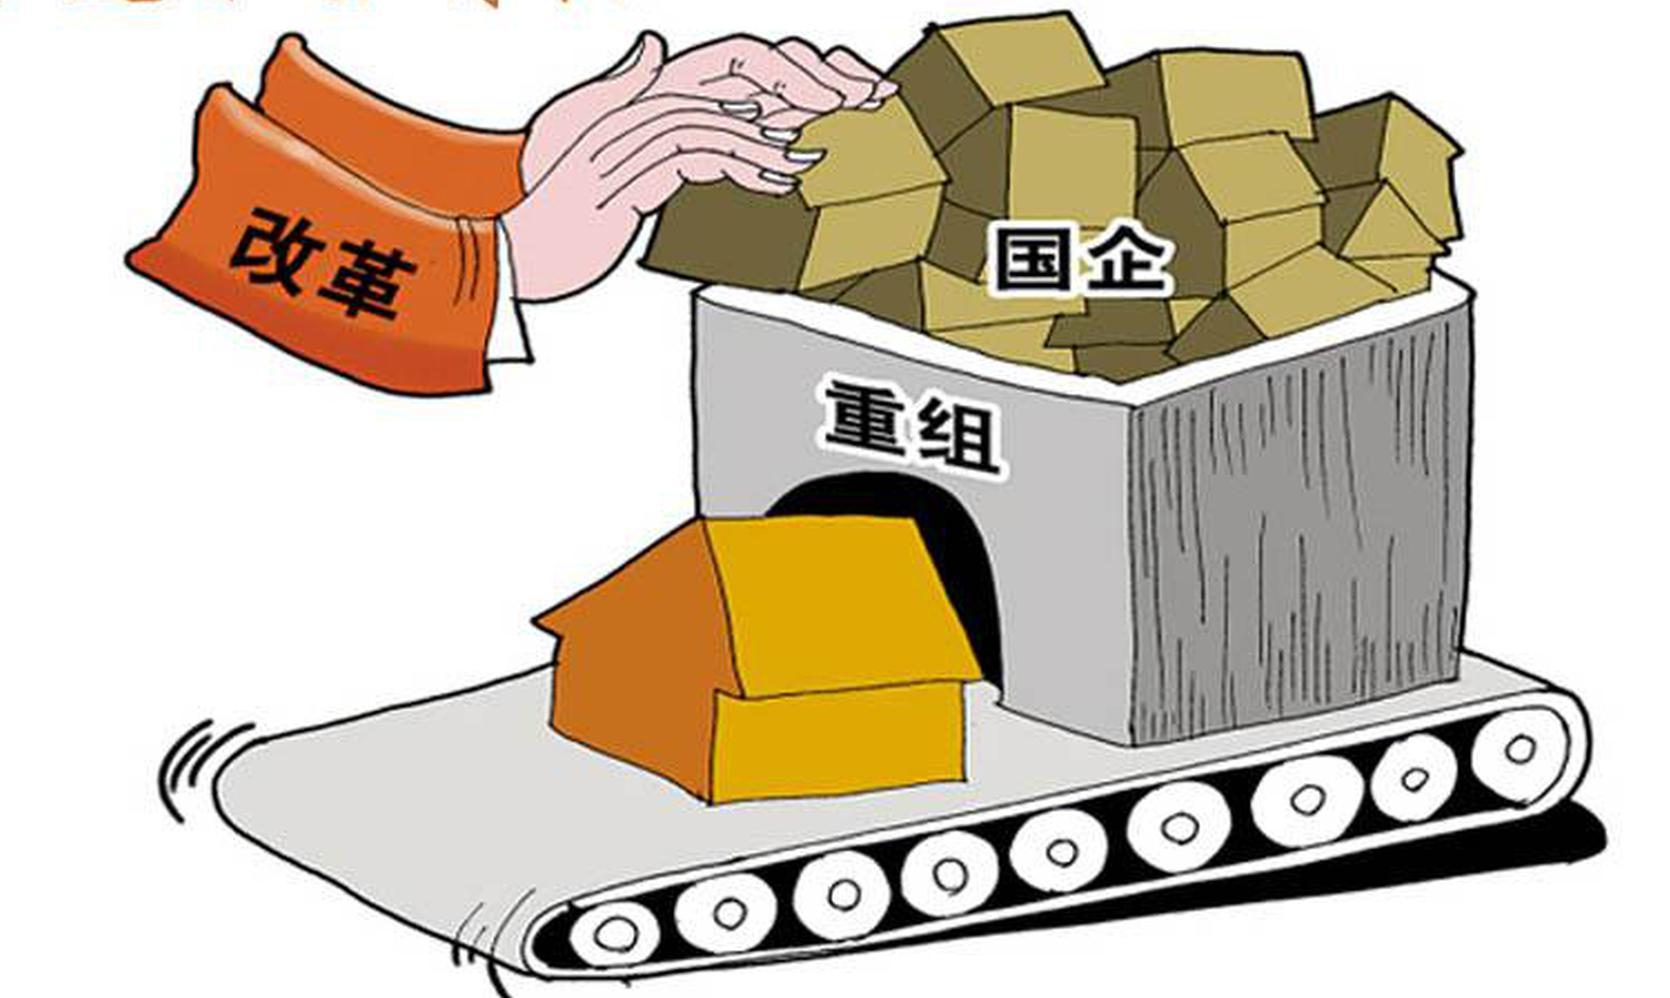 山西省属国企新一轮战略性重组基本收官